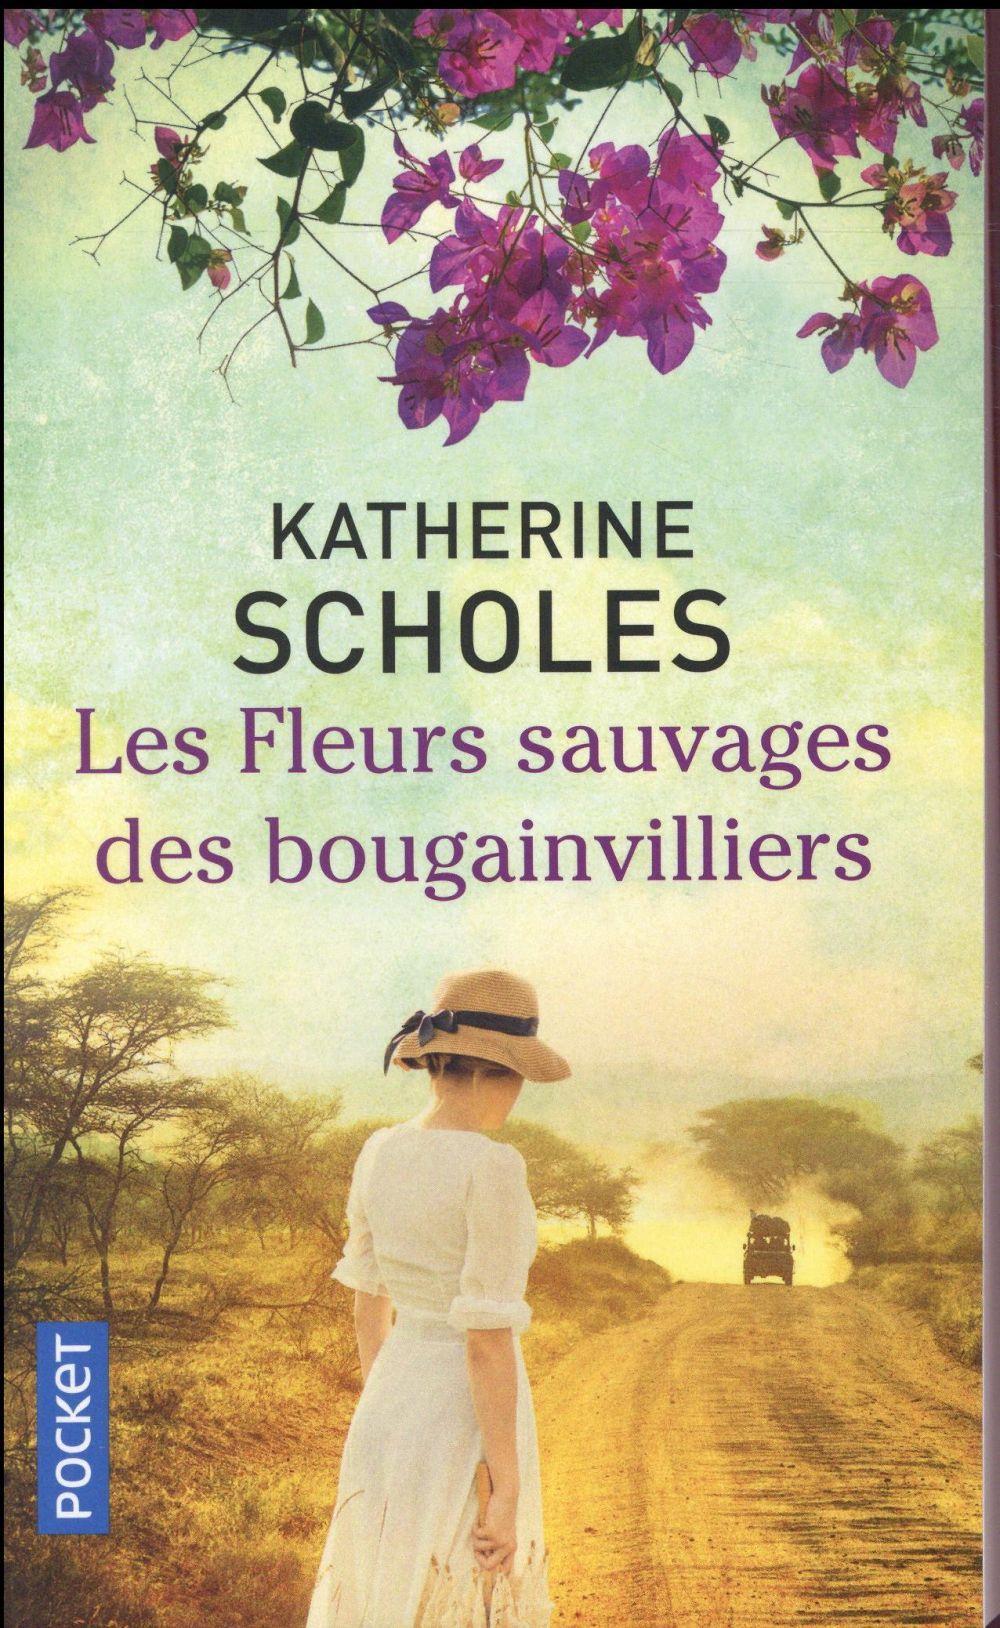 les fleurs sauvages des bougainvilliers katherine scholes belgique loisirs. Black Bedroom Furniture Sets. Home Design Ideas